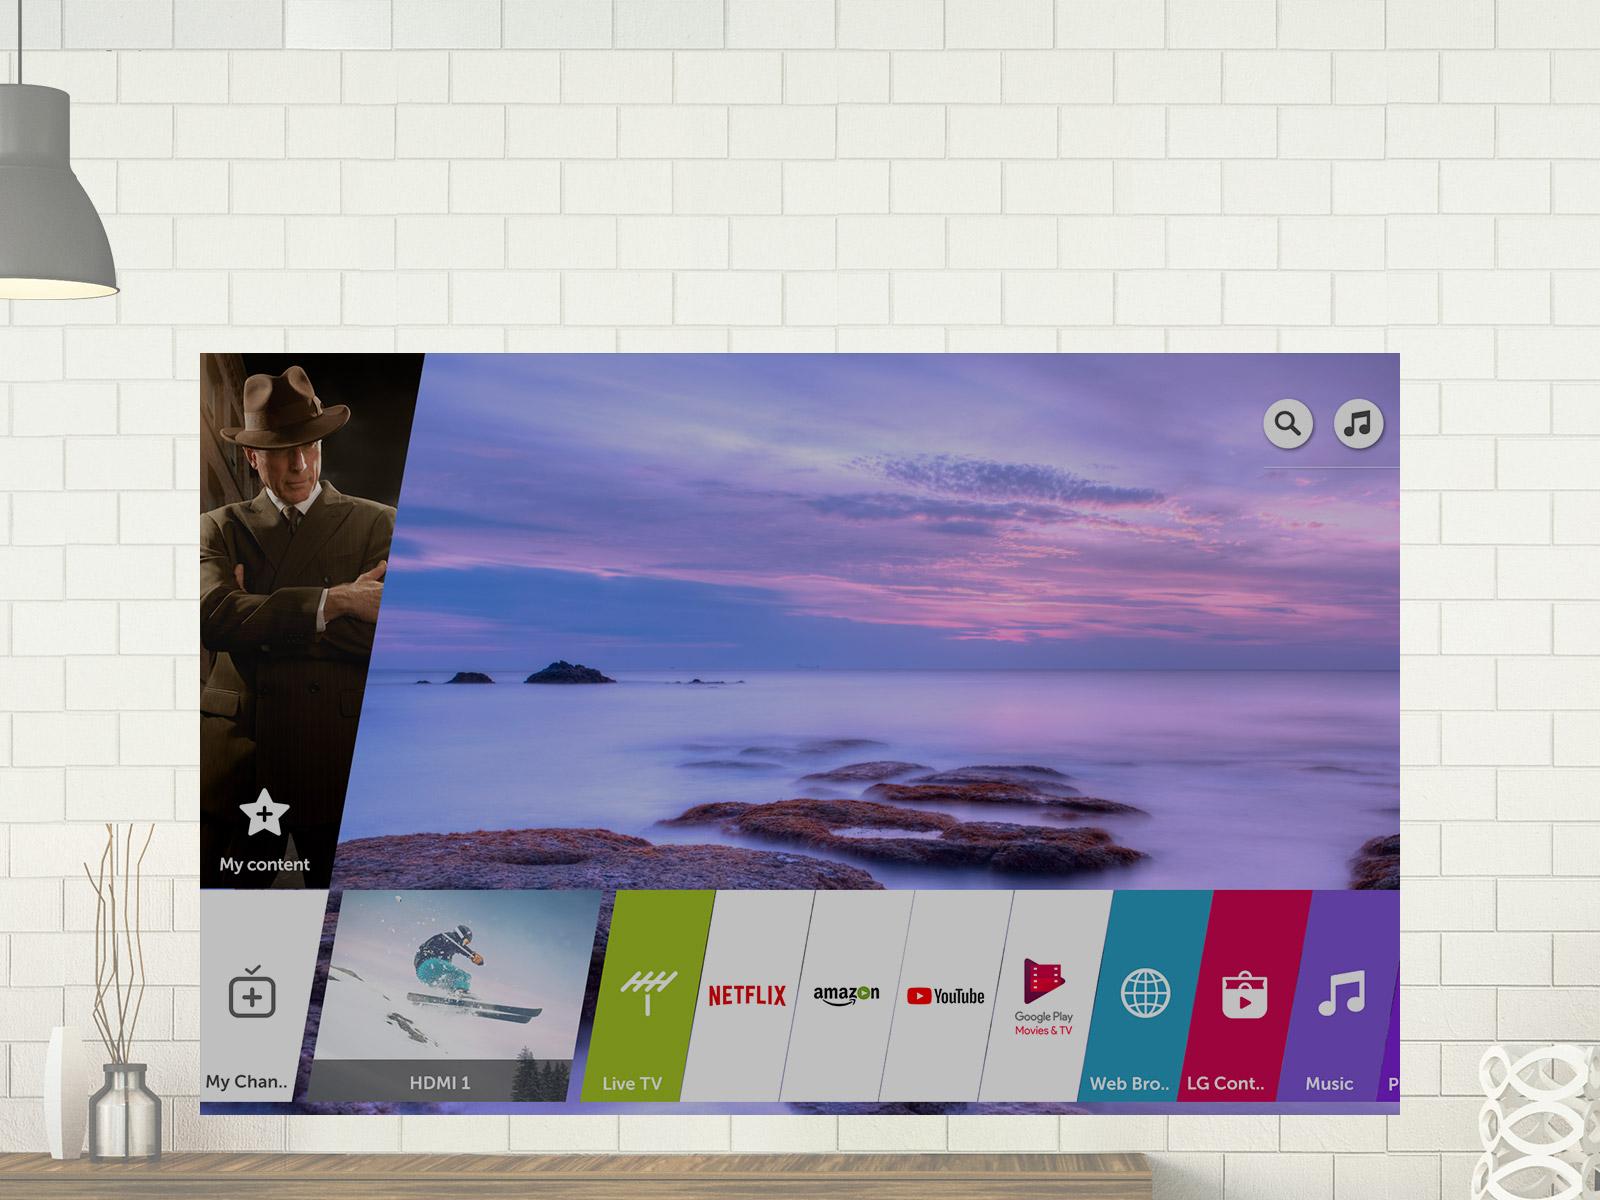 La plataforma de LG ha mejorado considerablemente